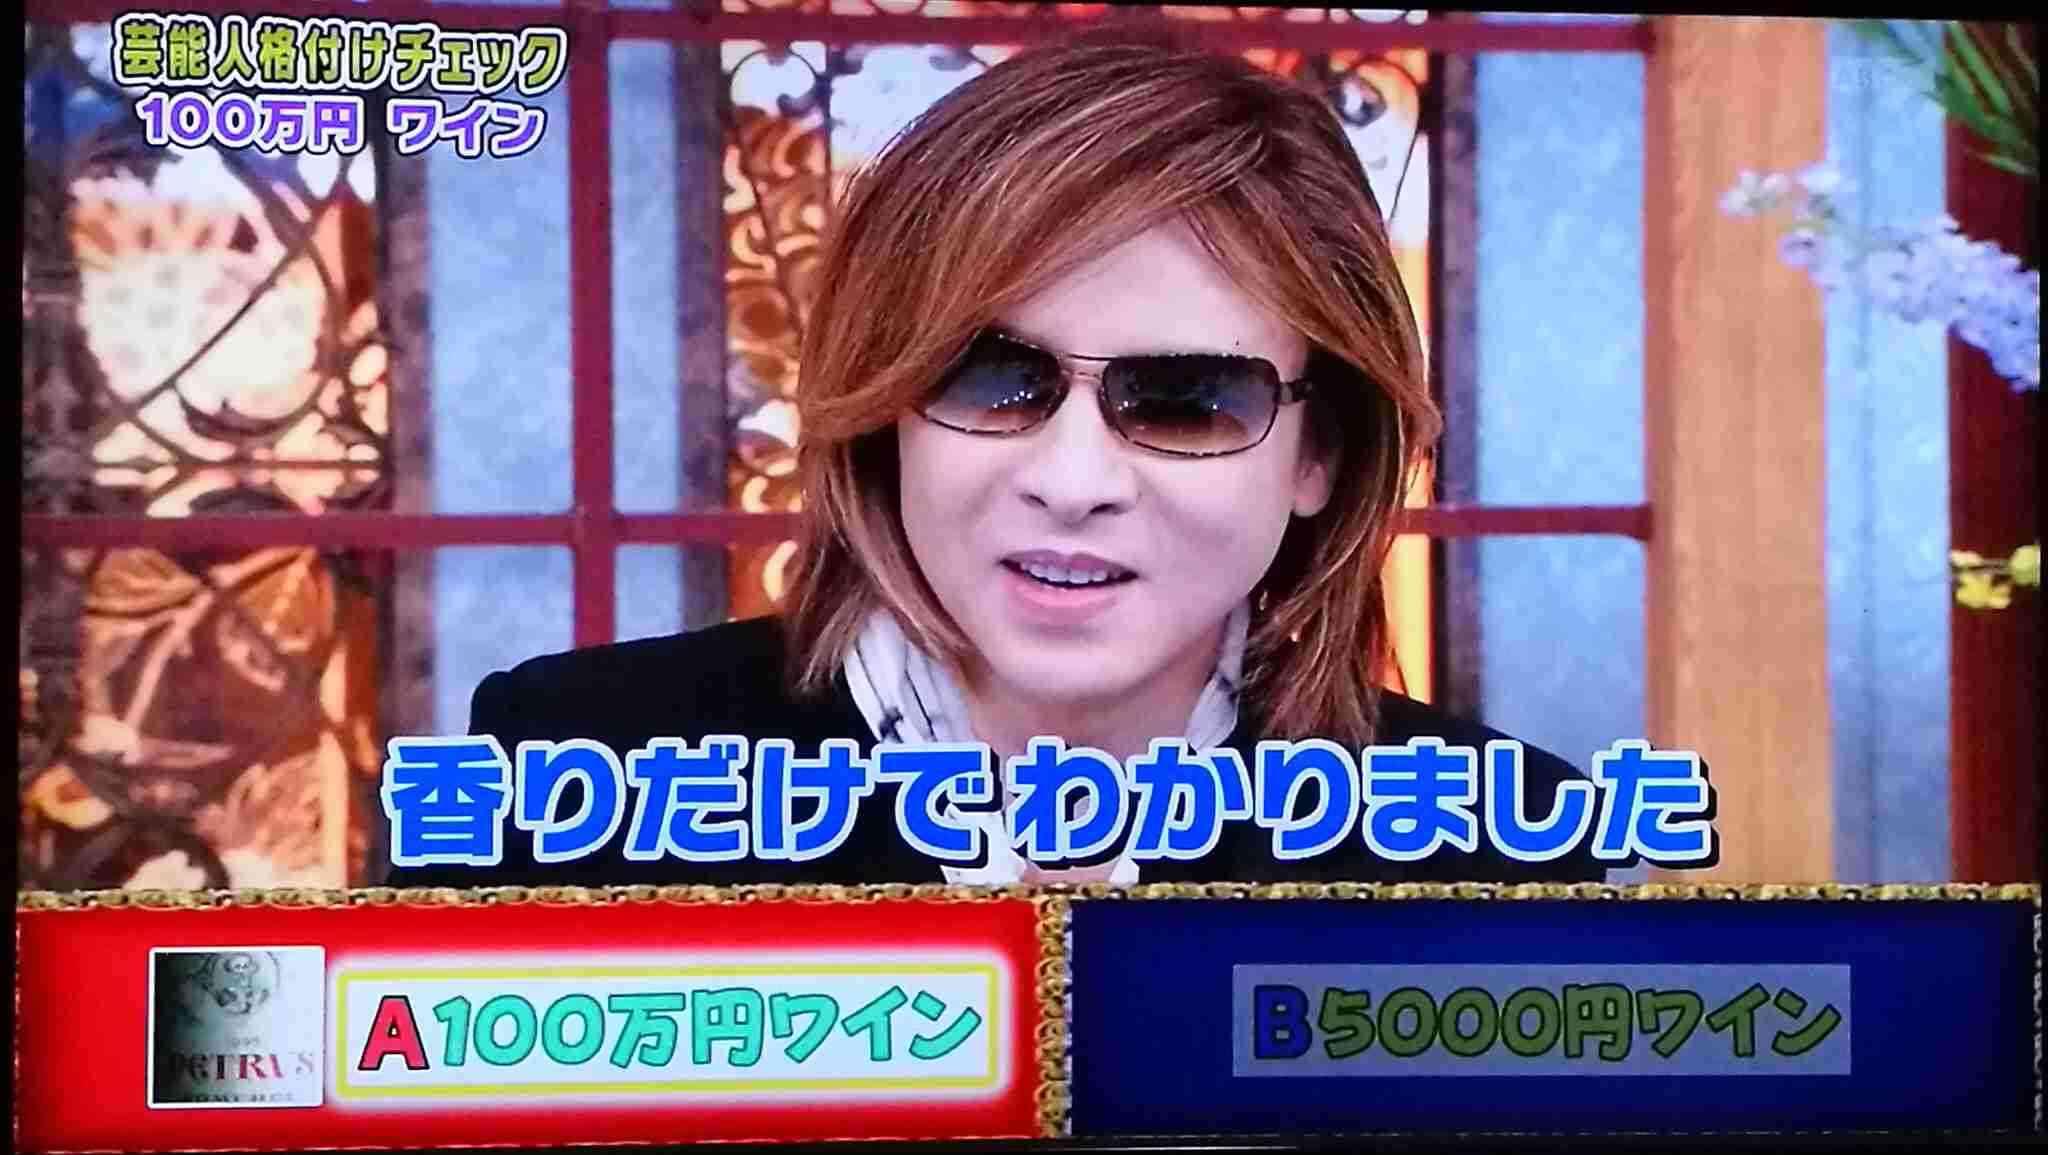 『格付け』でYOSHIKIが正解した100万円ワイン、本当は20万円だった